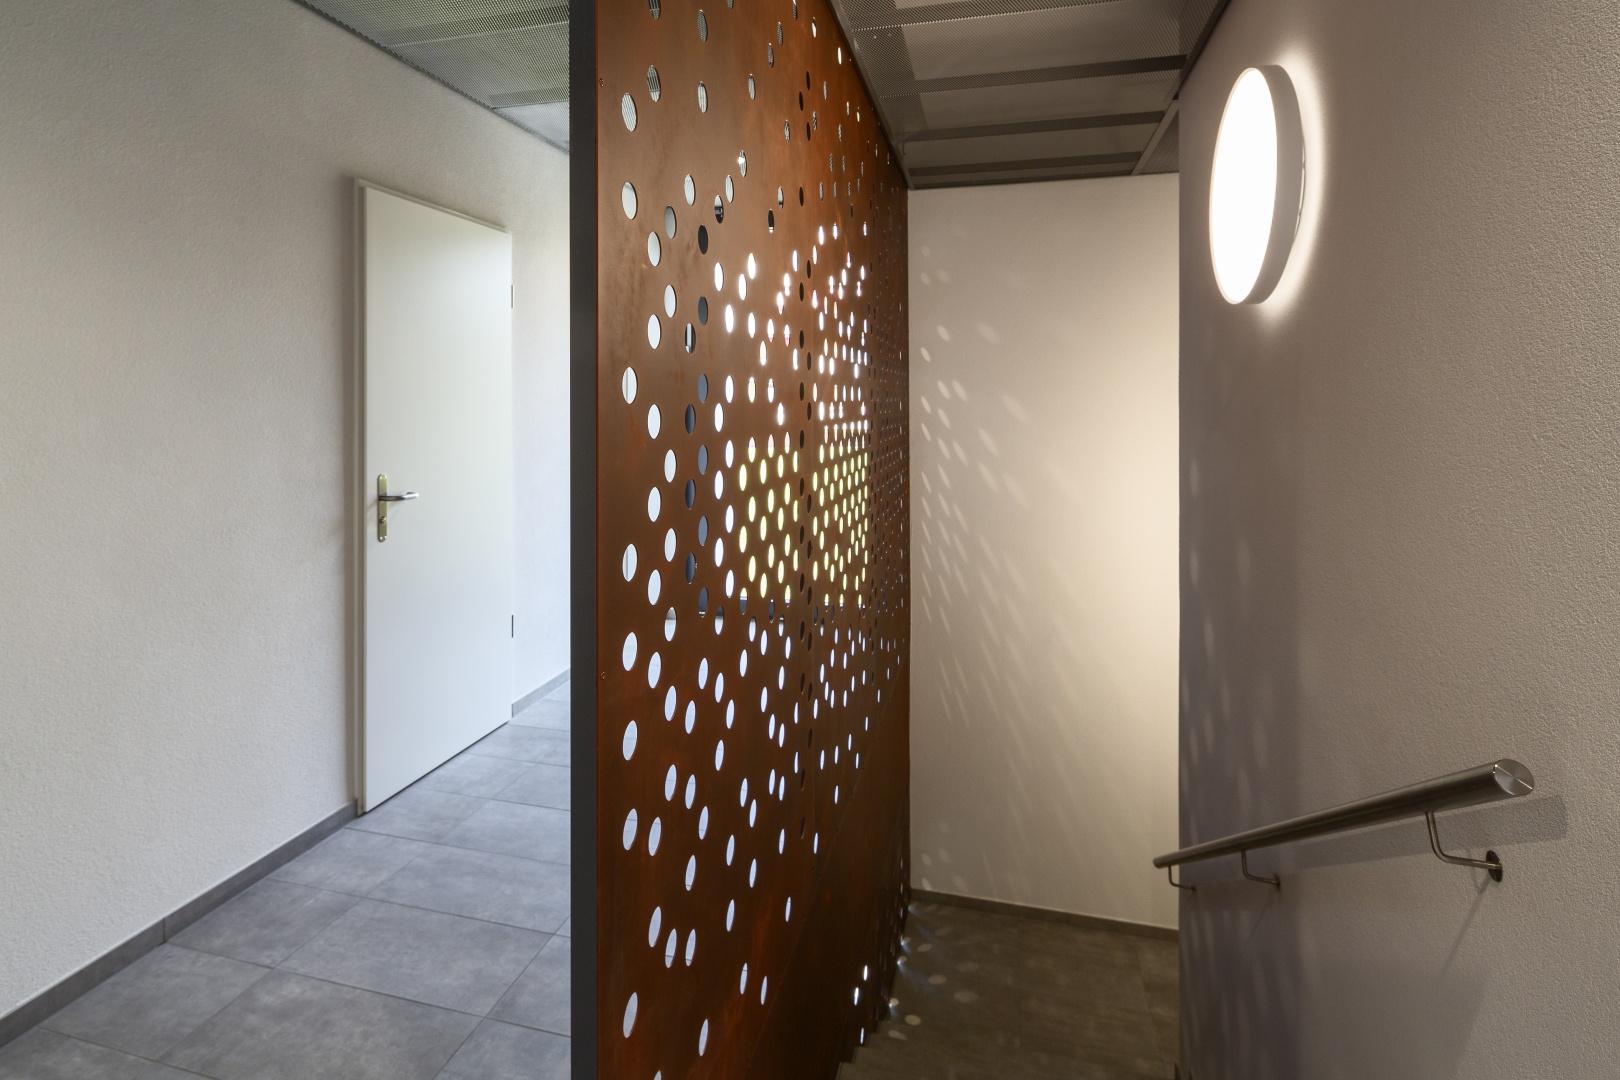 Treppenhaus © Fox Wälle Architekten SIA GmbH, Arlesheim